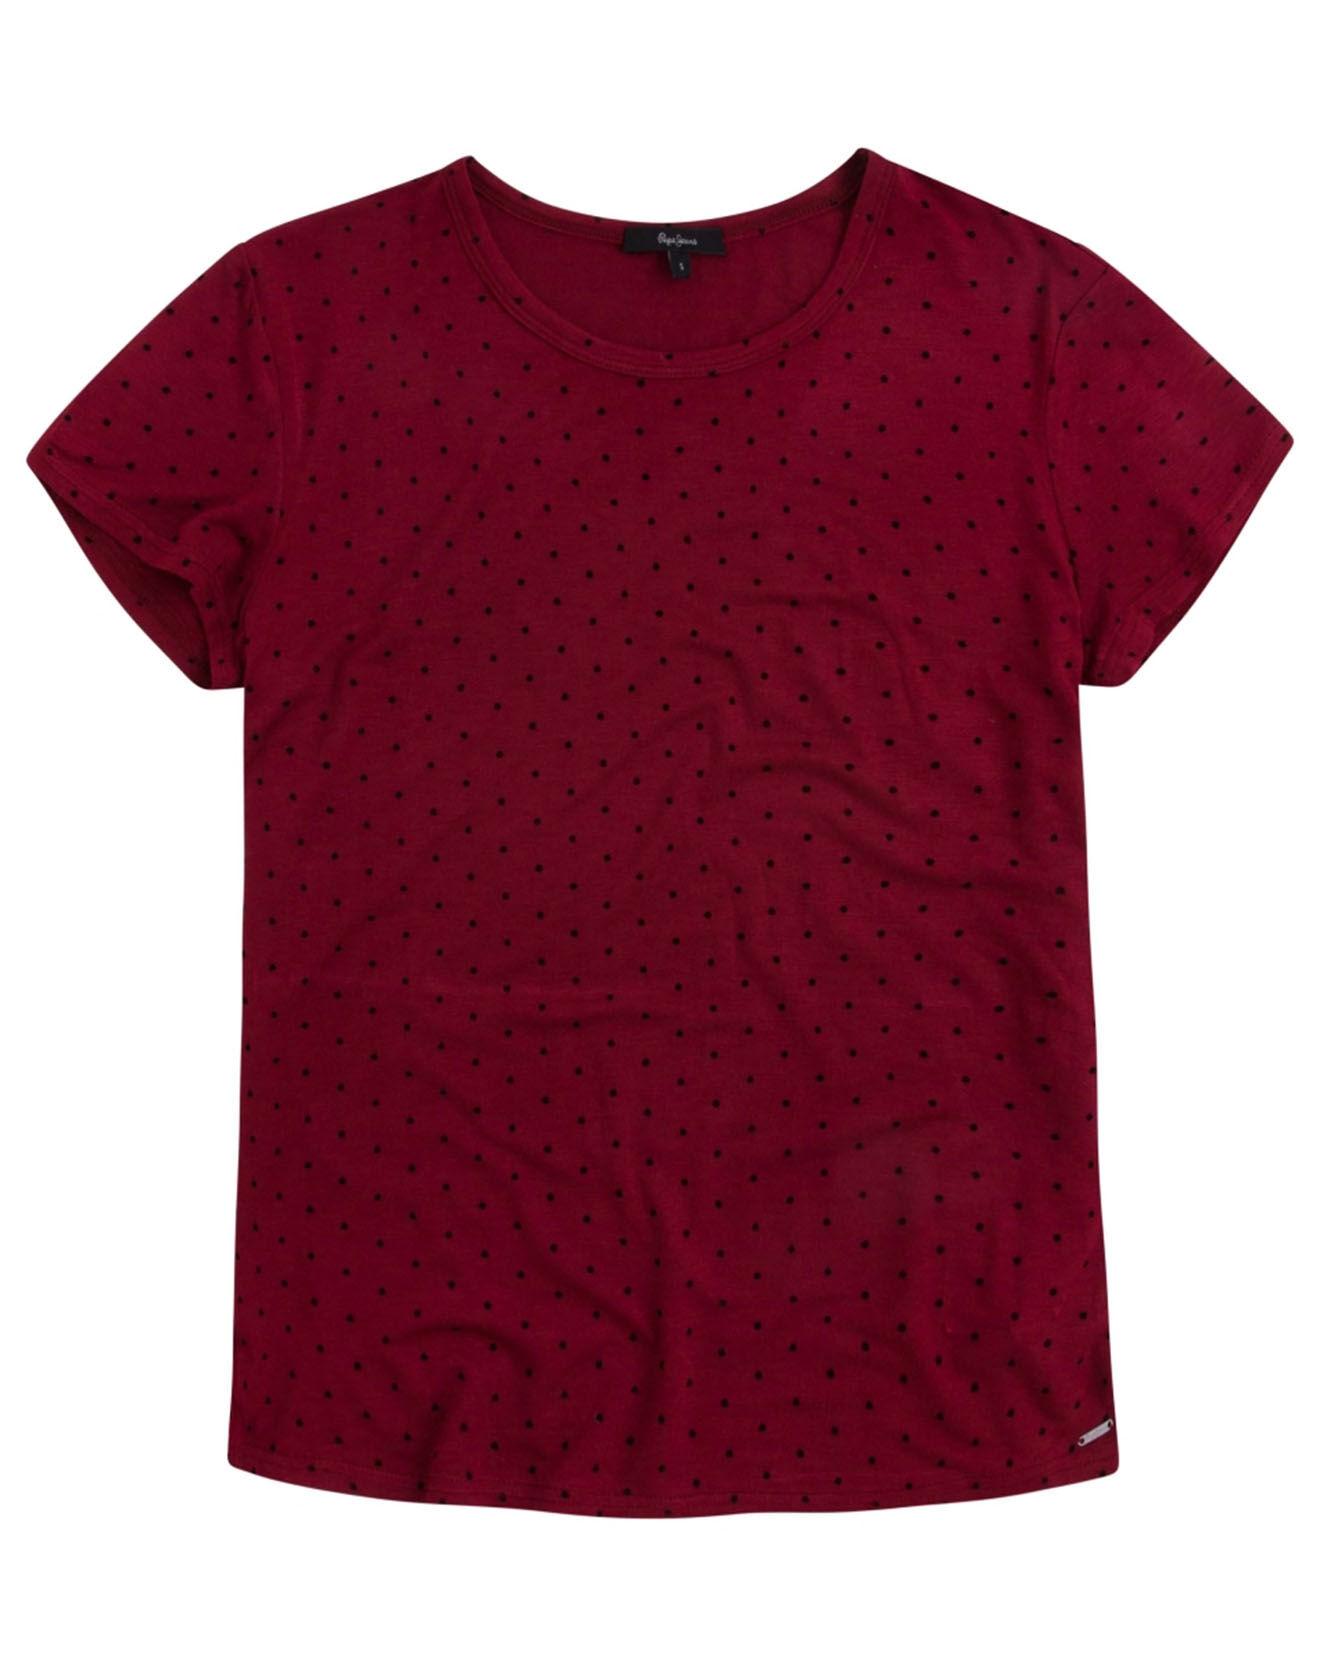 T-Shirt à pois Luna rouge - Pepe Jeans - Modalova